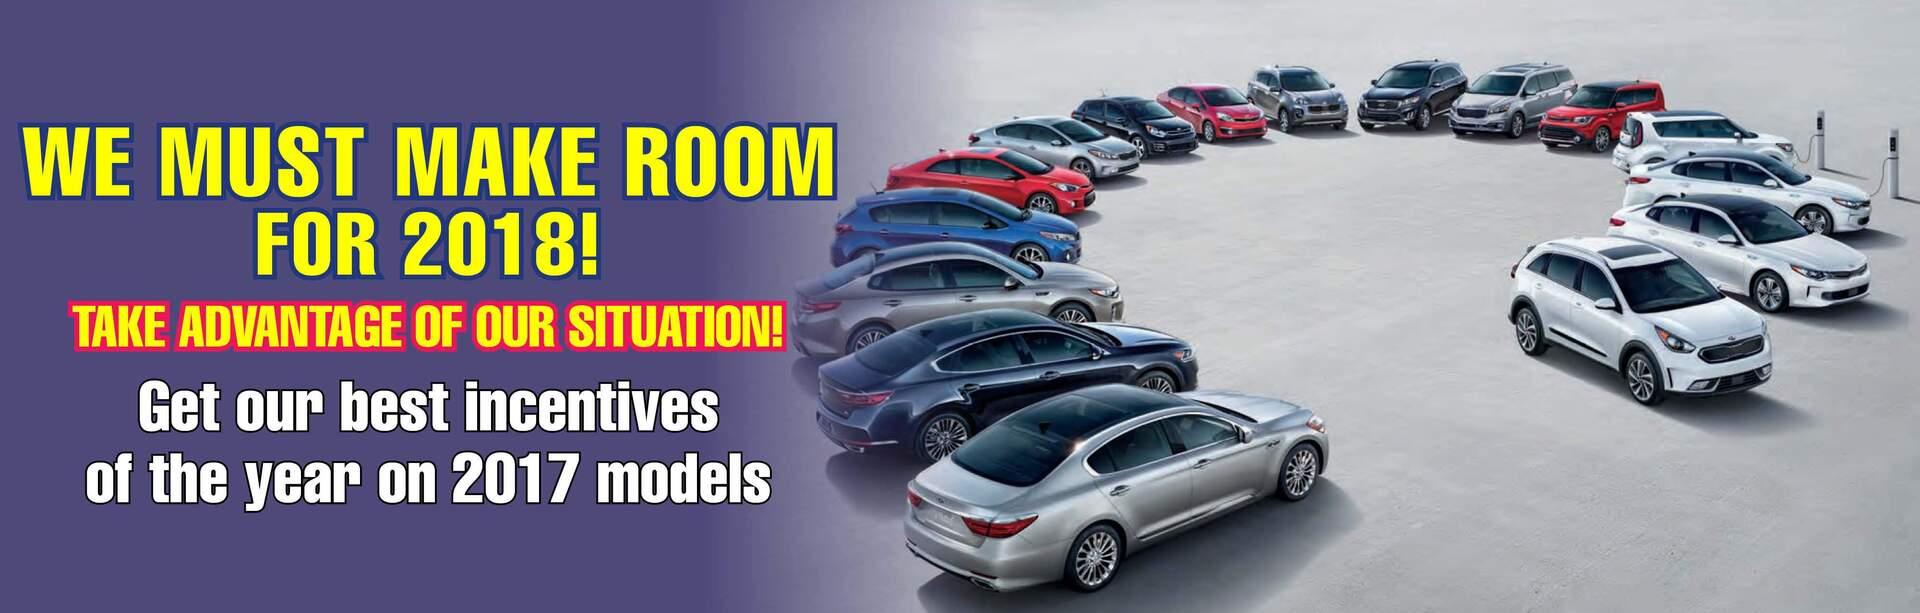 Bob Rohrman Used Cars >> Kia Dealership Schaumburg IL Used Cars Bob Rohrman ...